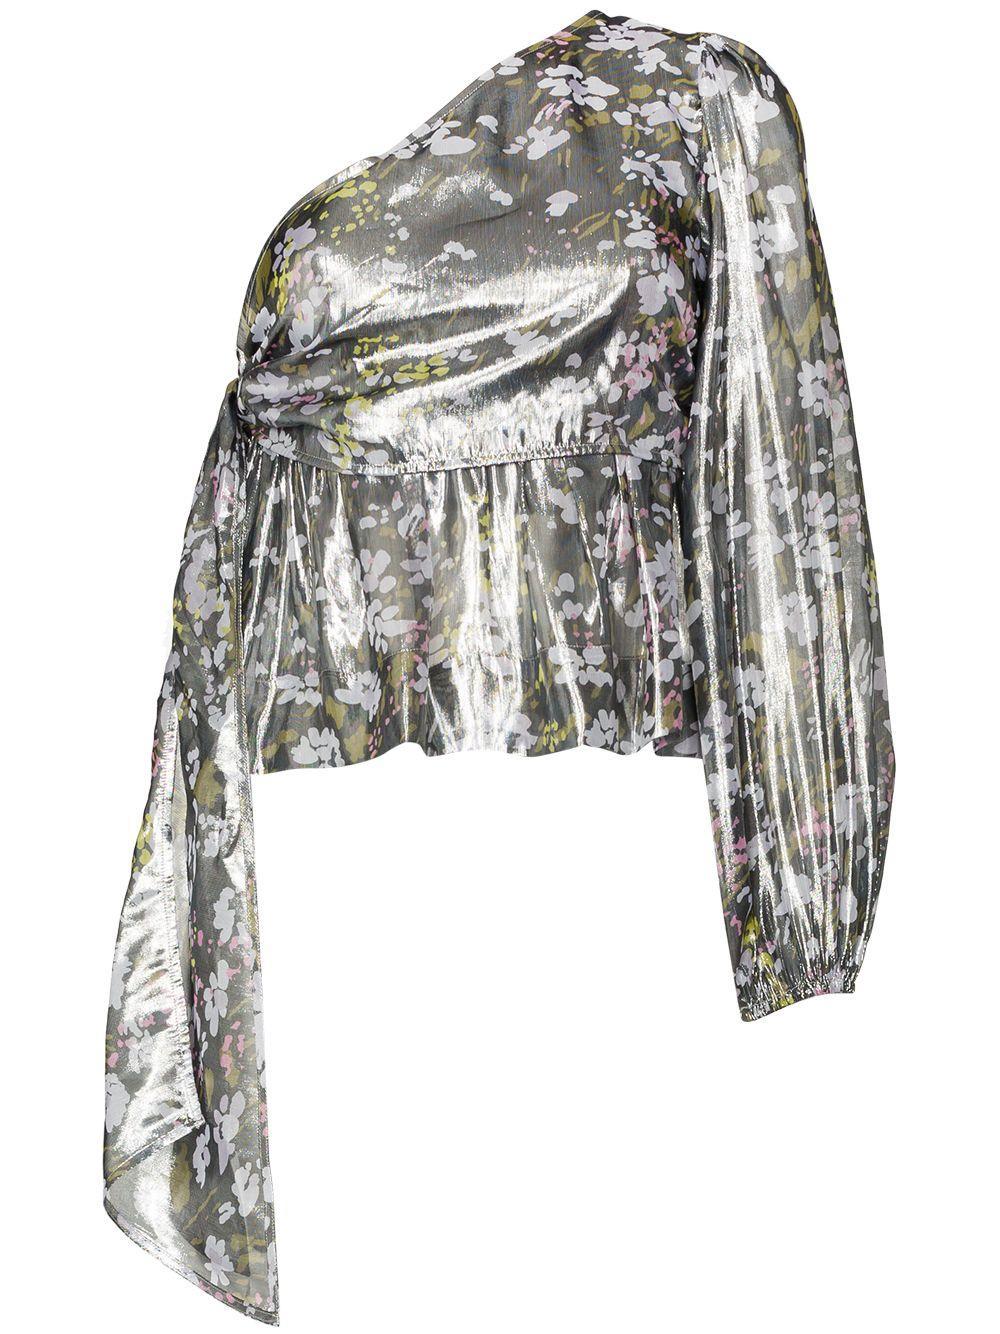 Lurex Silk One Shoulder Peplum Top